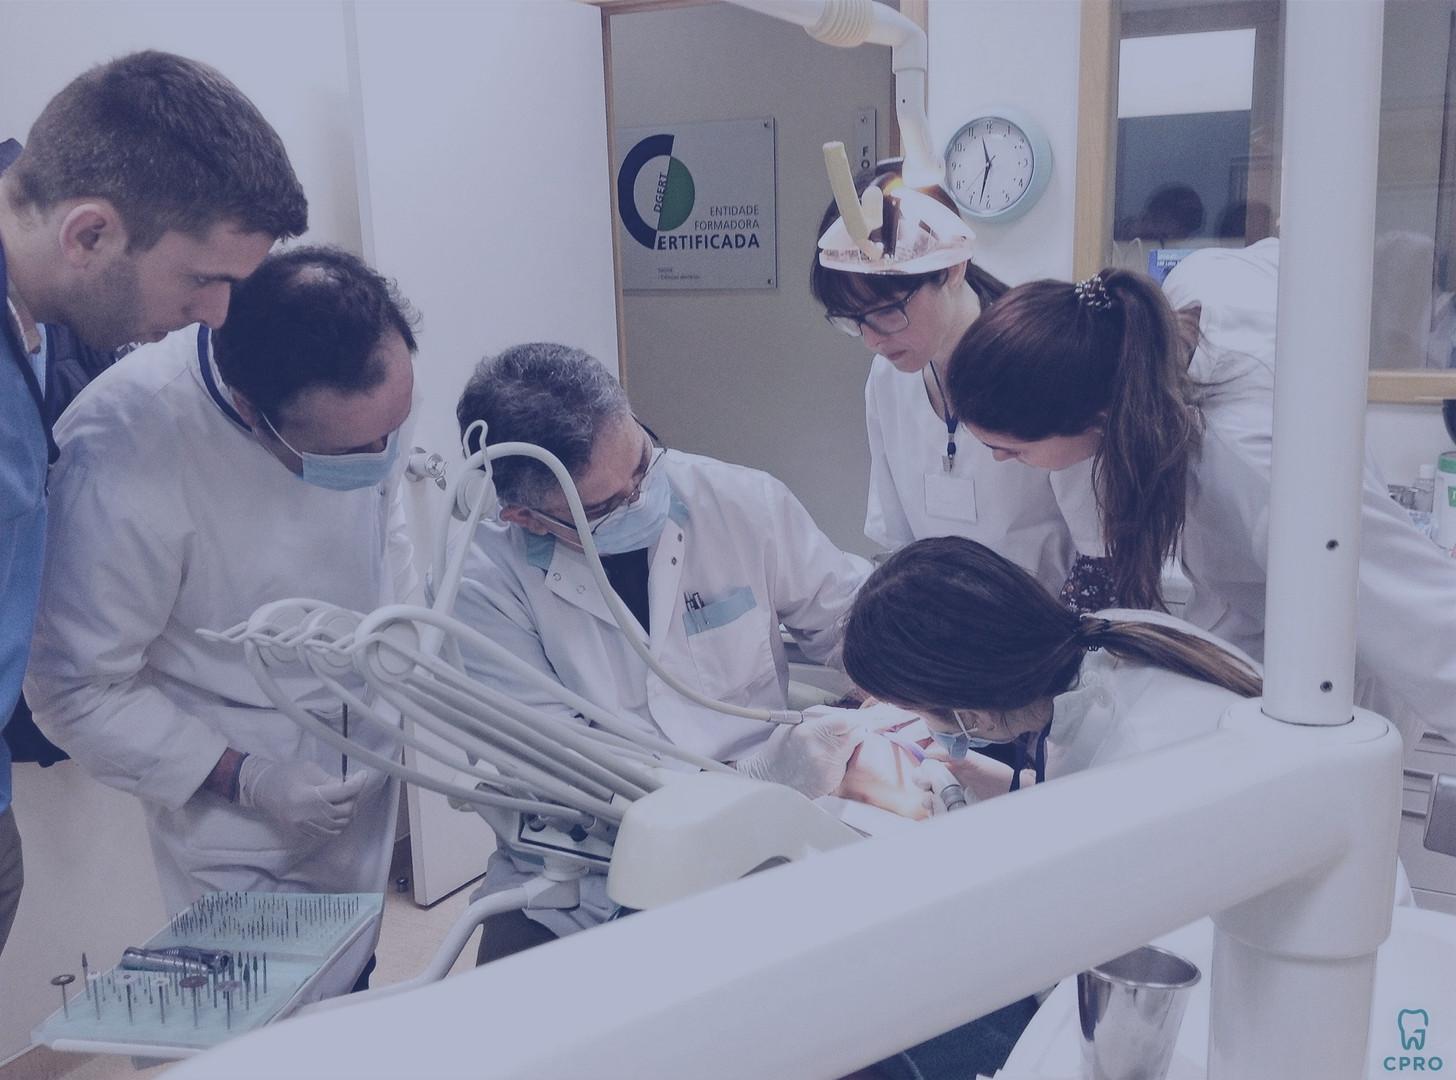 Curso de Estética Dentária com Cerâmica Pura